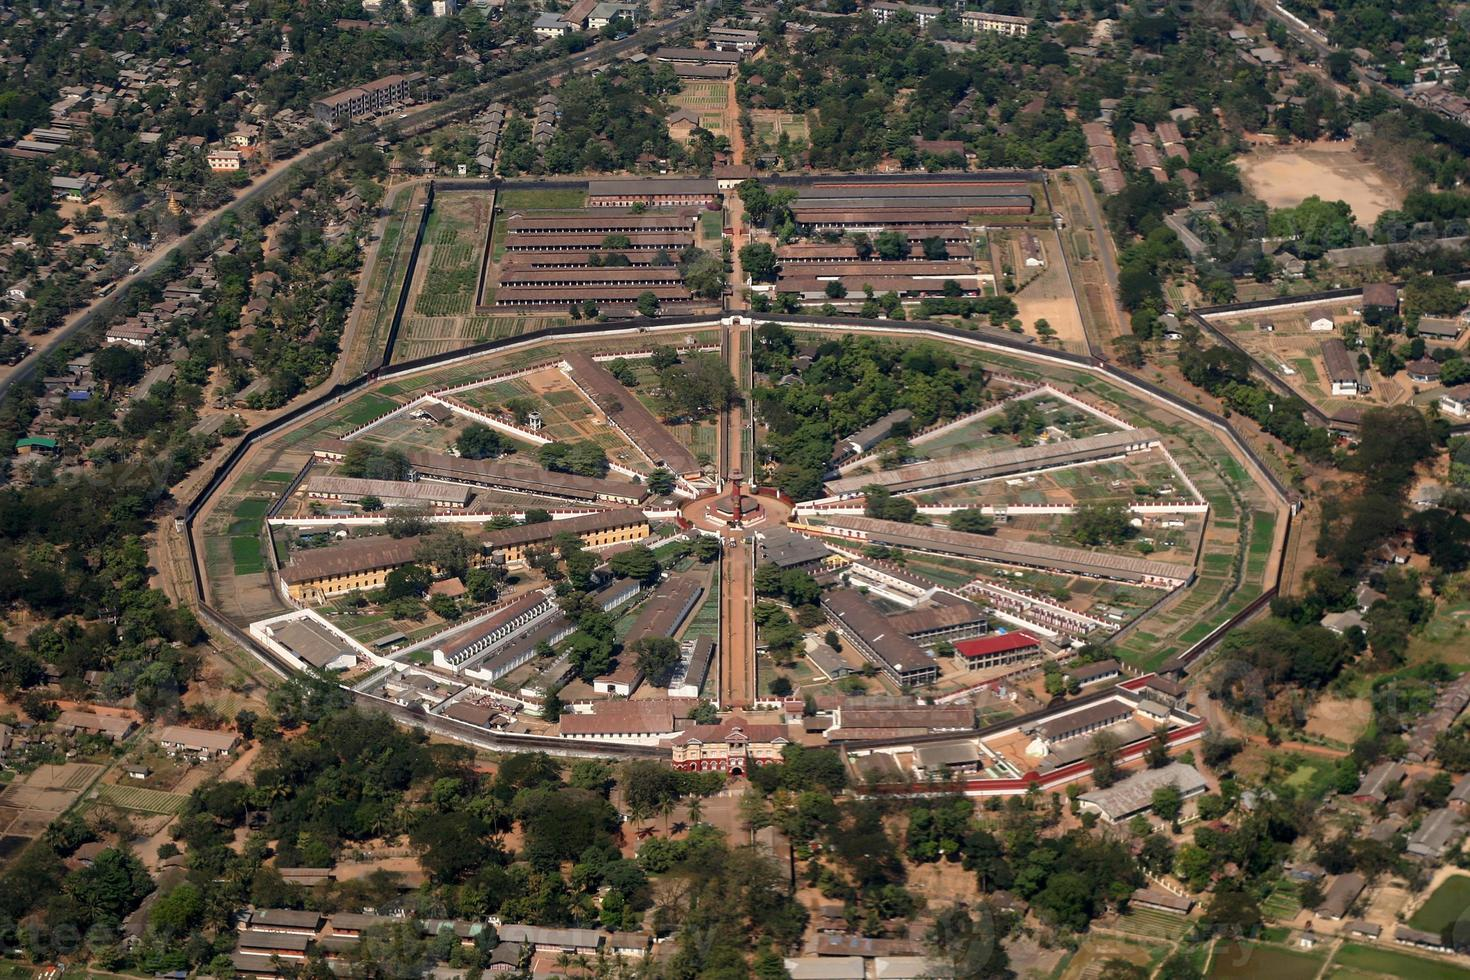 vista aérea da prisão de insein foto